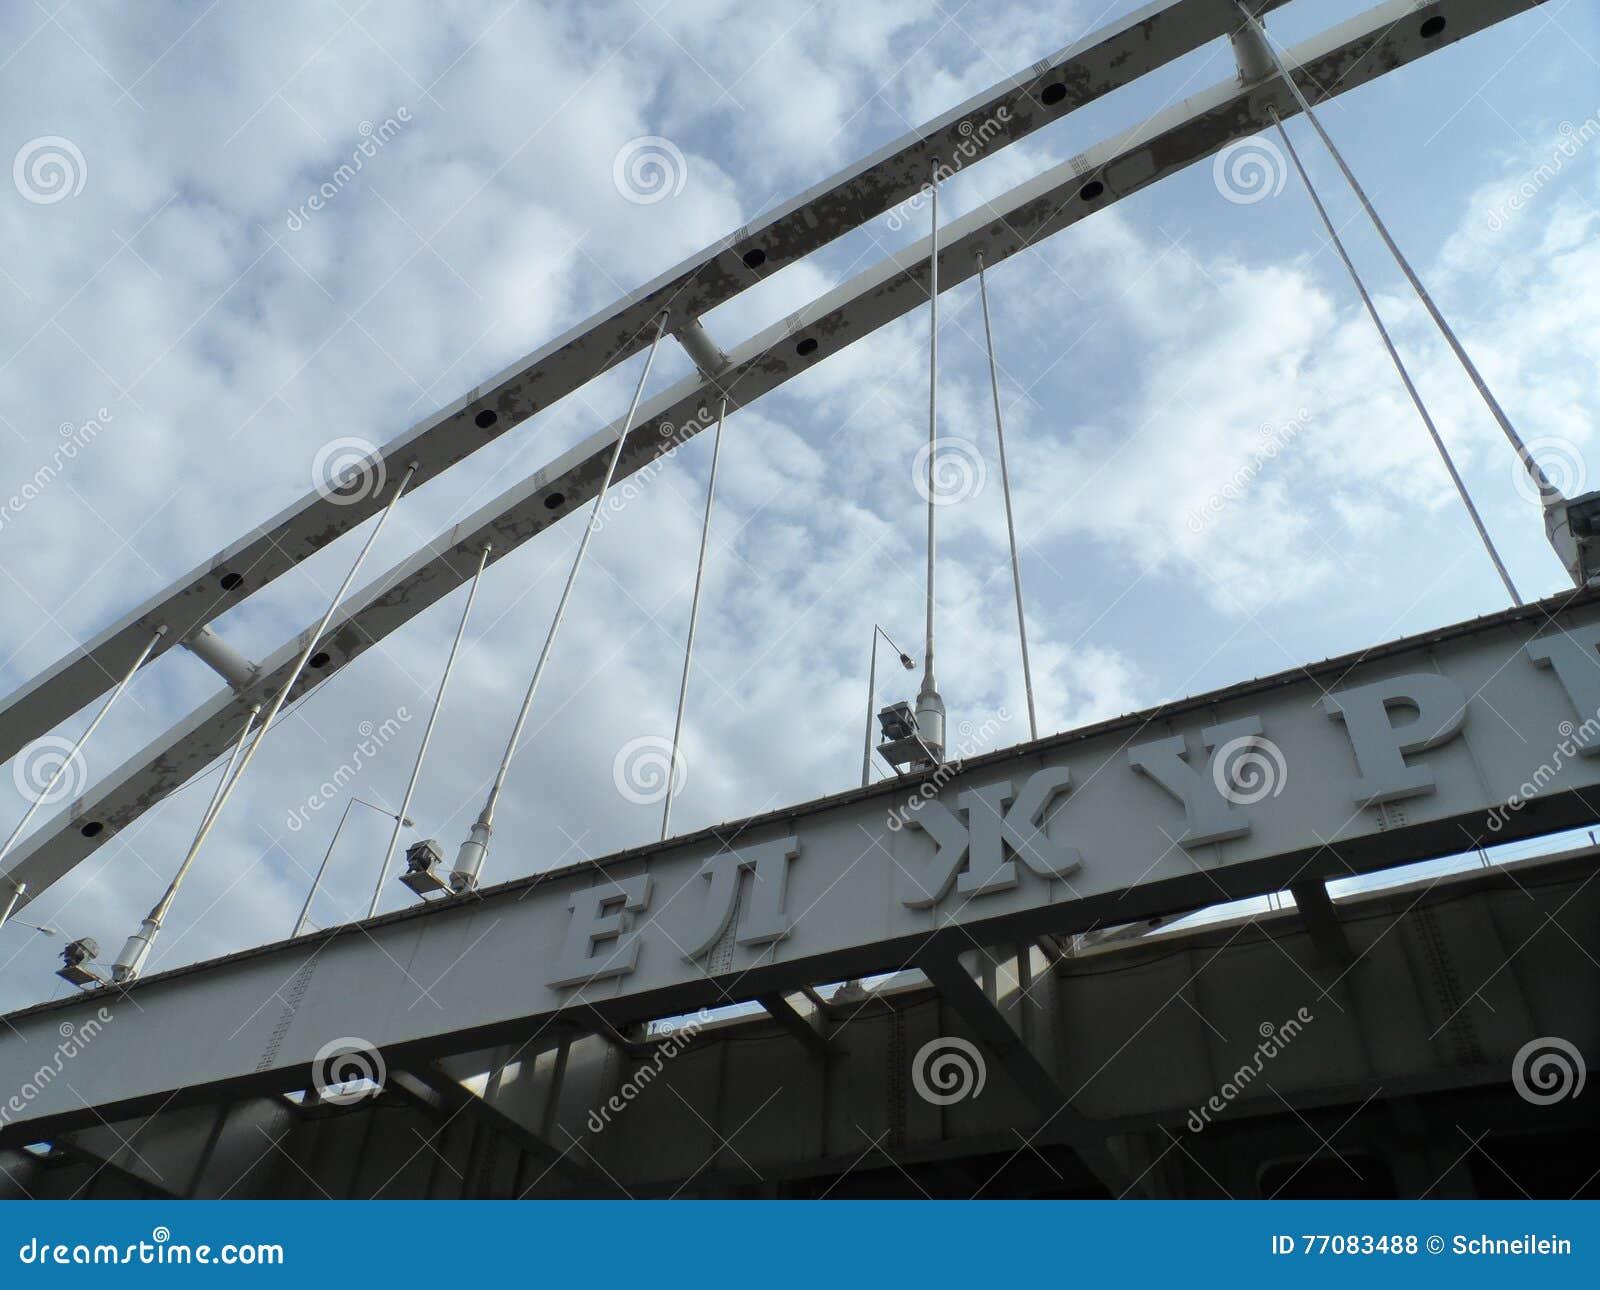 Gå på det motoriska skeppet - bro